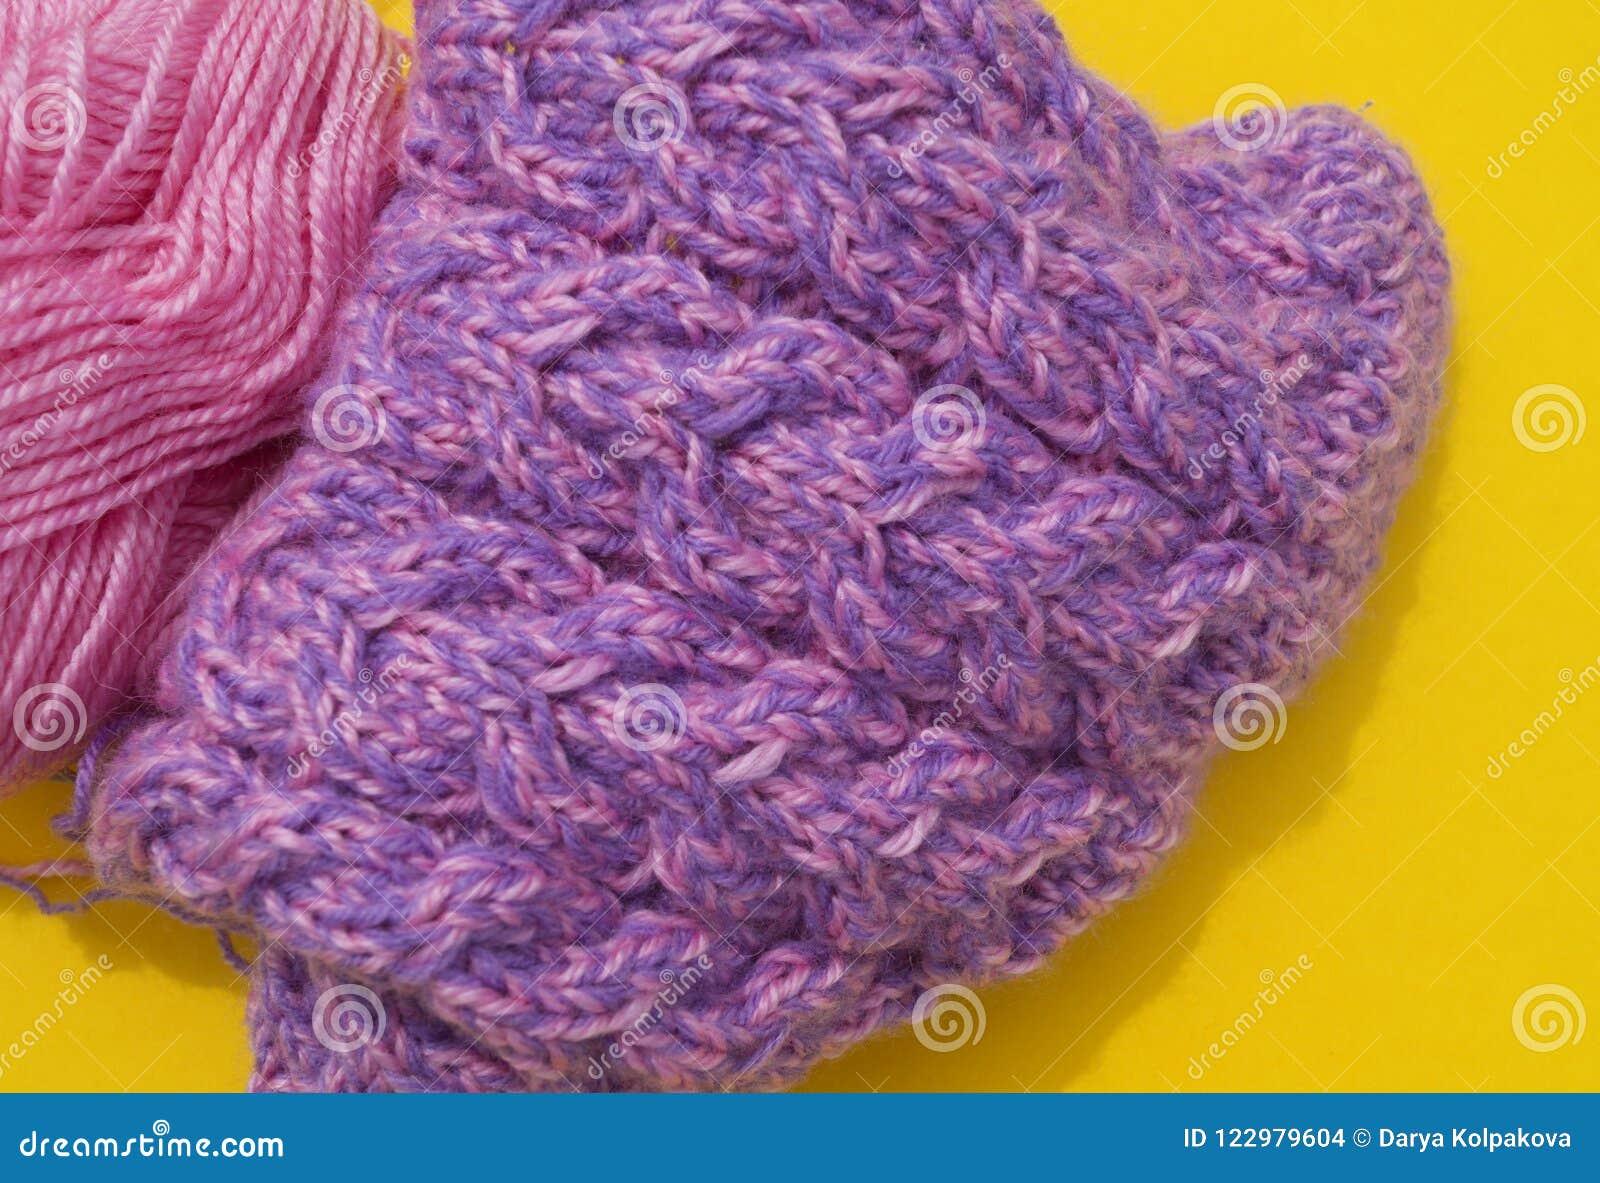 Τα παλτά του ροζ και της πορφύρας μαλλιού βρίσκονται δίπλα σε μια αποσυνδεμένη ΚΑΠ Κίτρινη ανασκόπηση